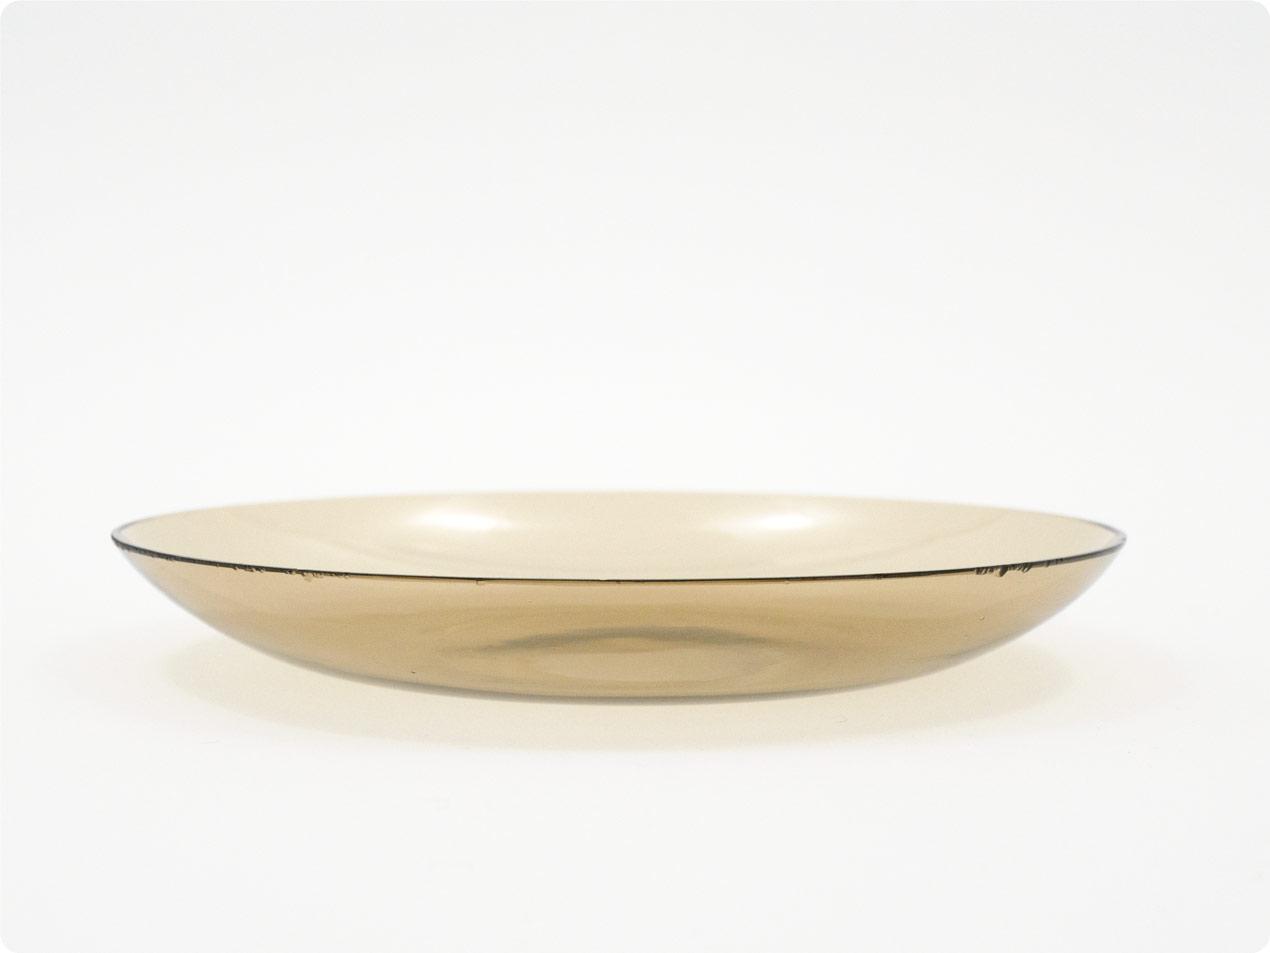 Nuutajarvi ガラスプレート 1202